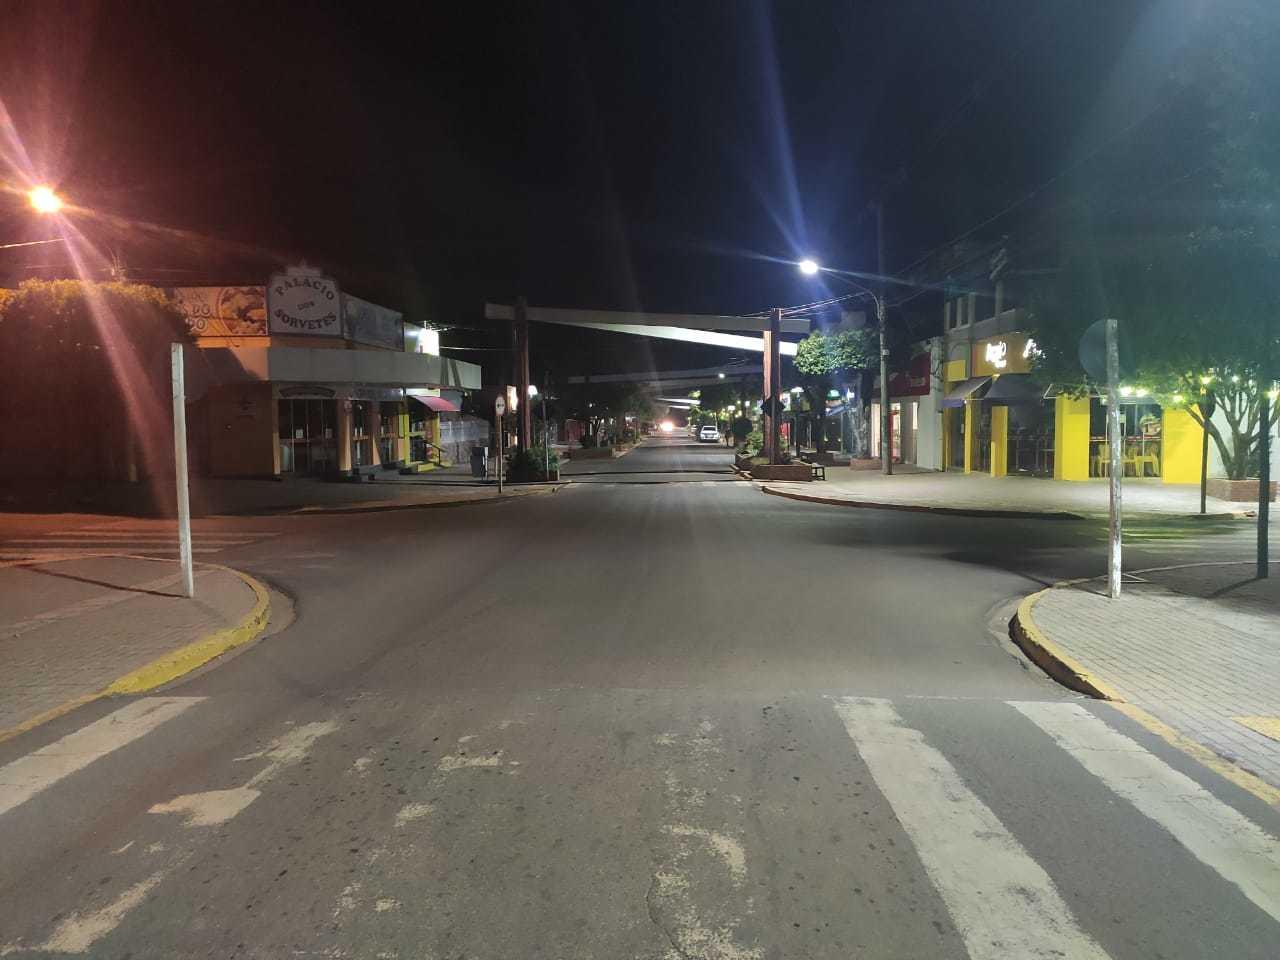 O centro de Bonito por volta de 21 horas no último domingo, 19. Em períodos de normalidade a região central da cidade estaria fervilhando de gente (Foto: Divulgação)